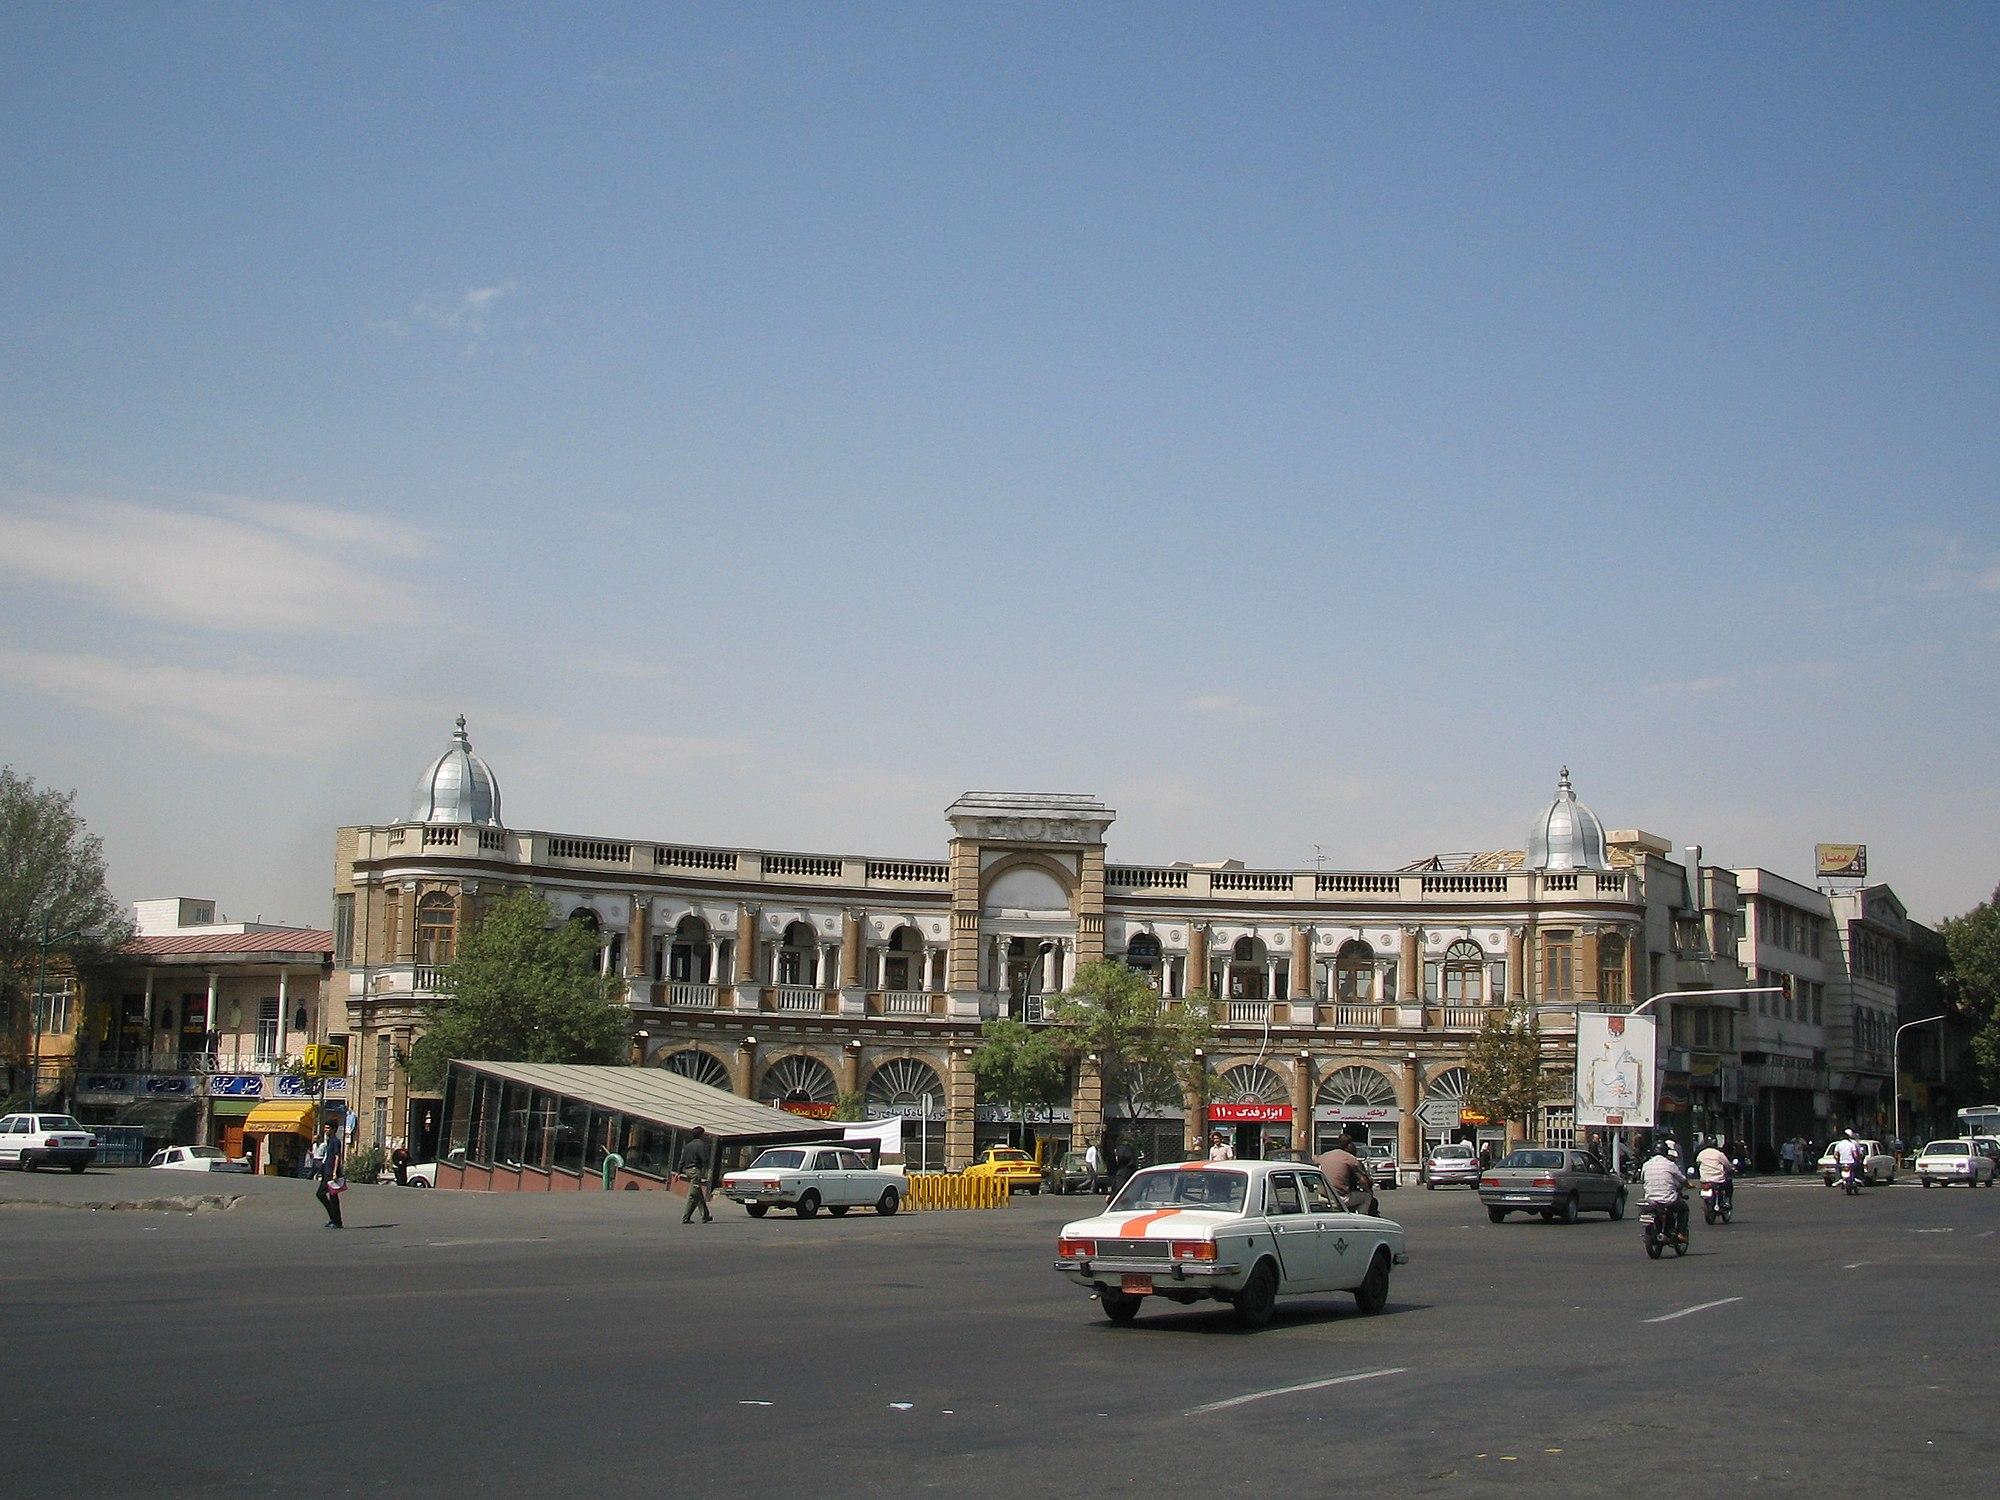 حسنآباد (تهران)